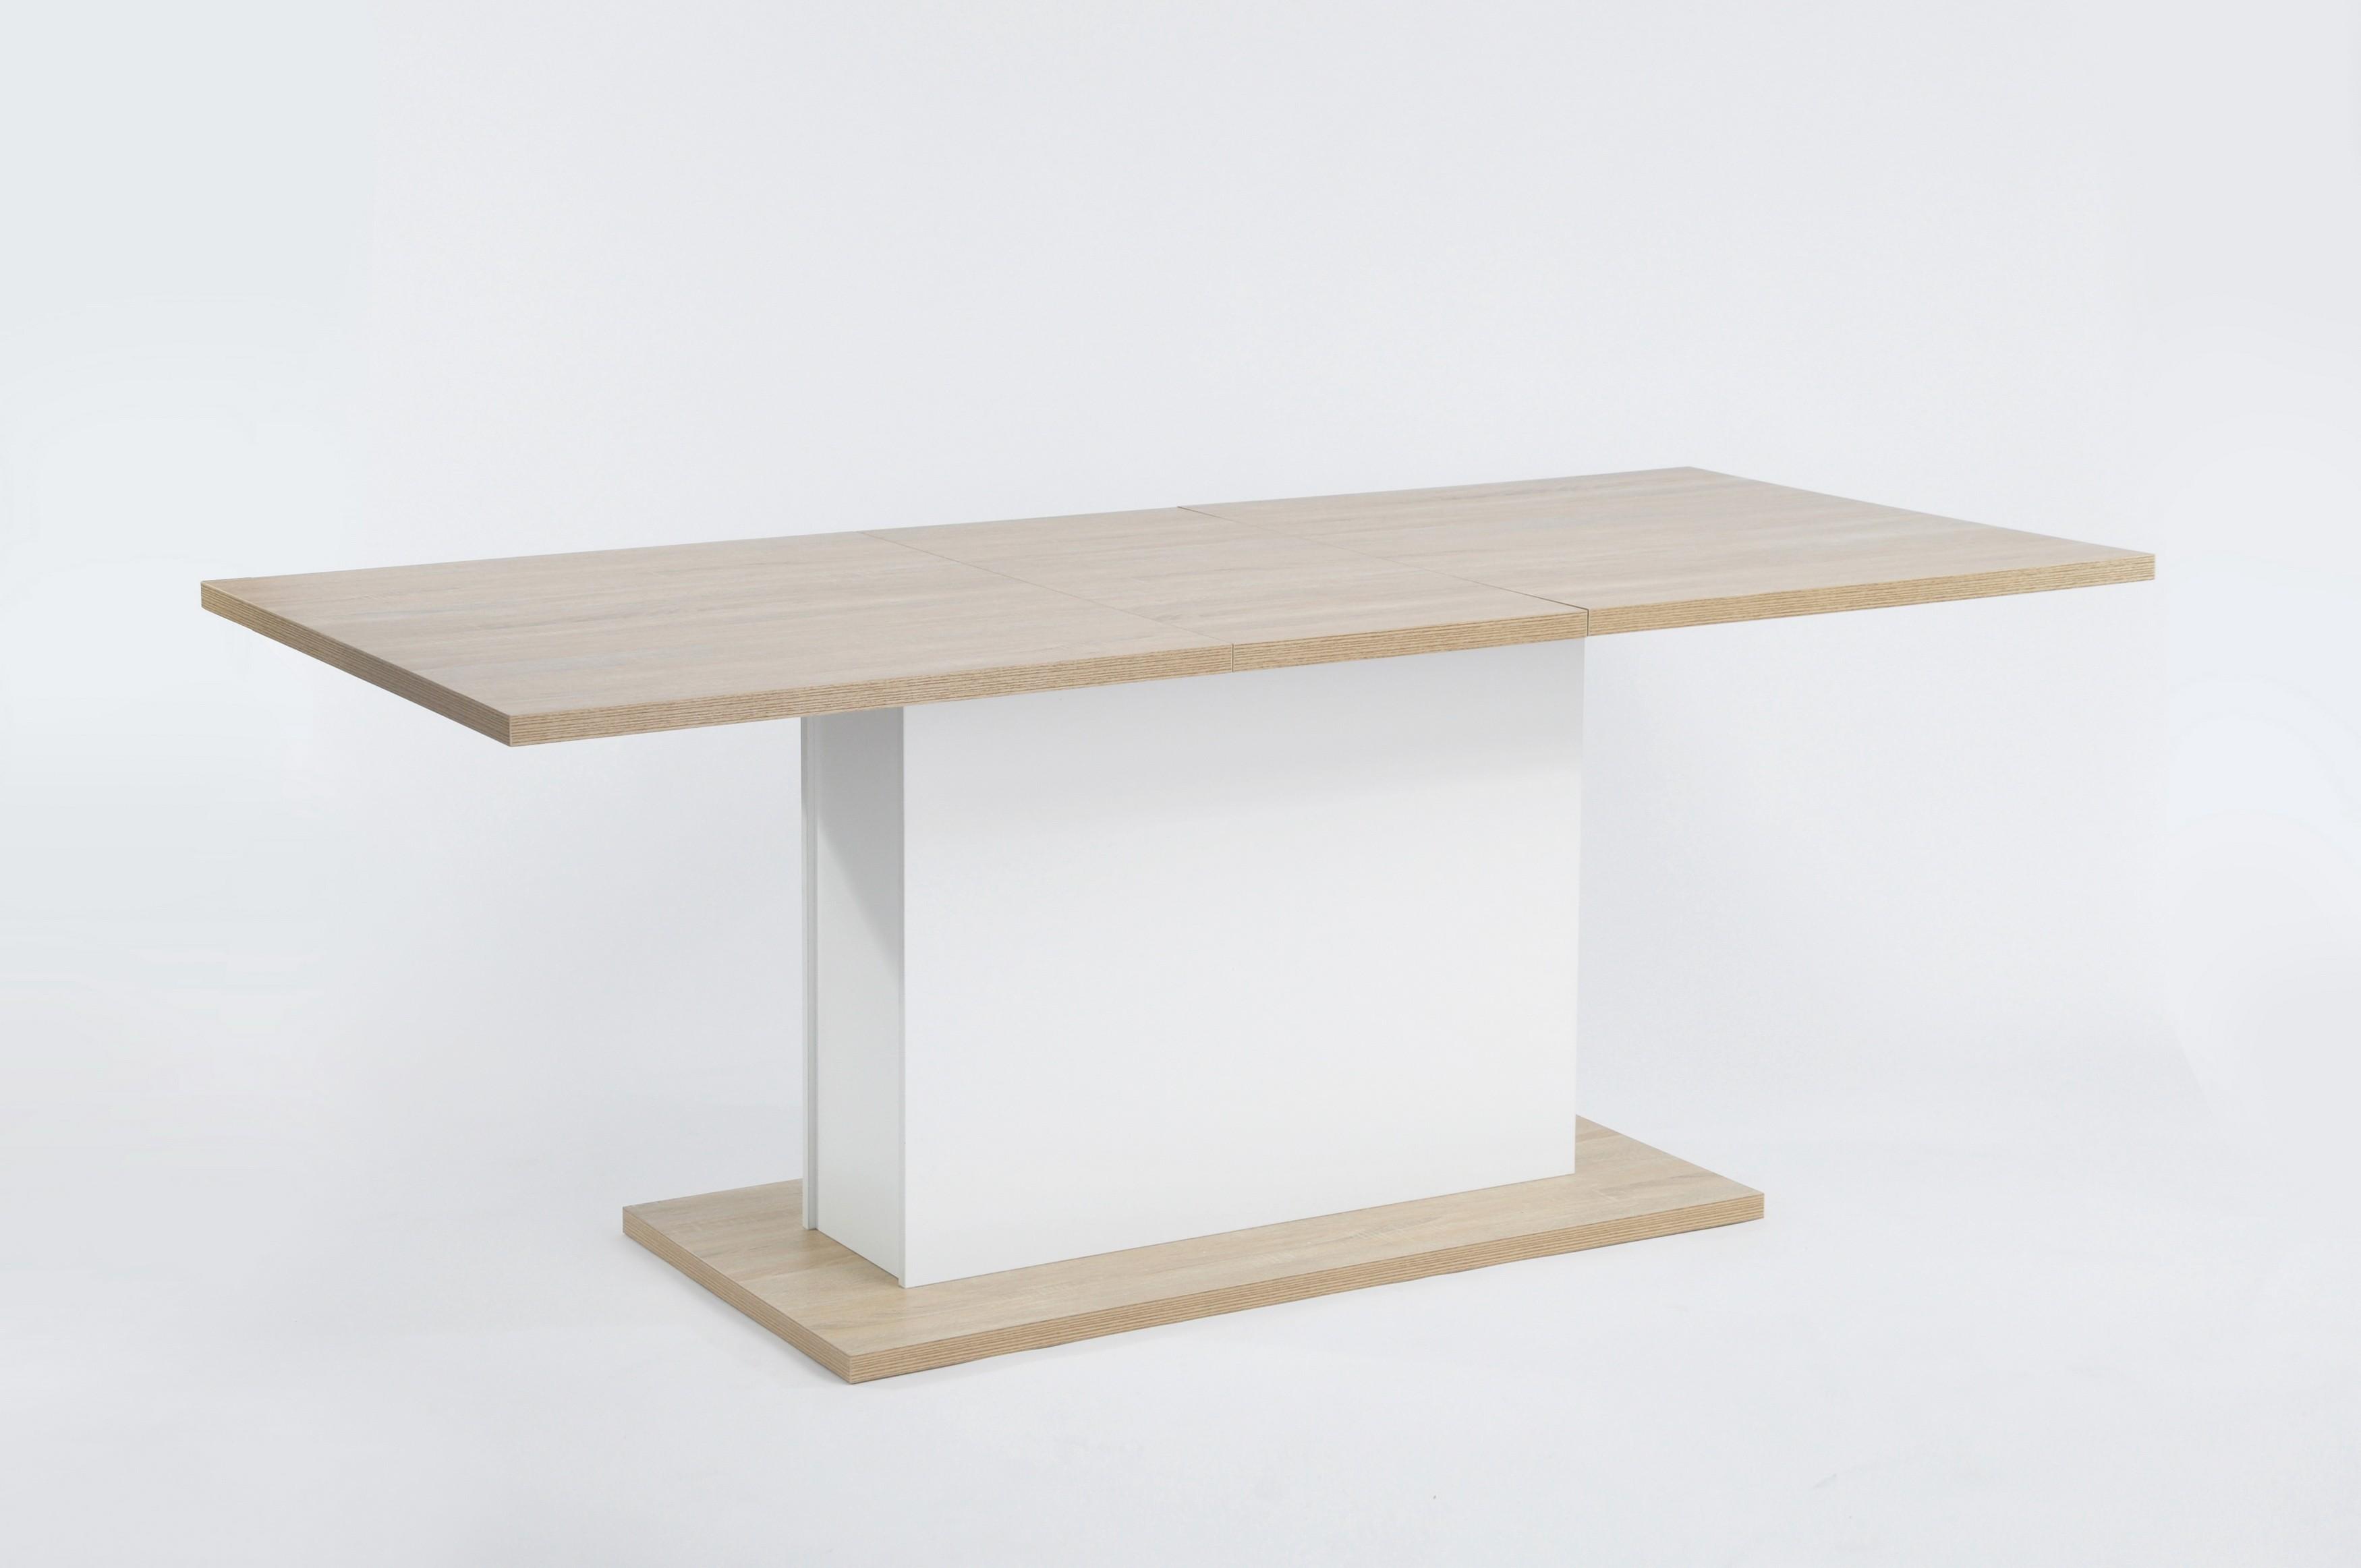 table a manger escamotable formidable table a manger escamotable bureau en bois ides diy trs. Black Bedroom Furniture Sets. Home Design Ideas